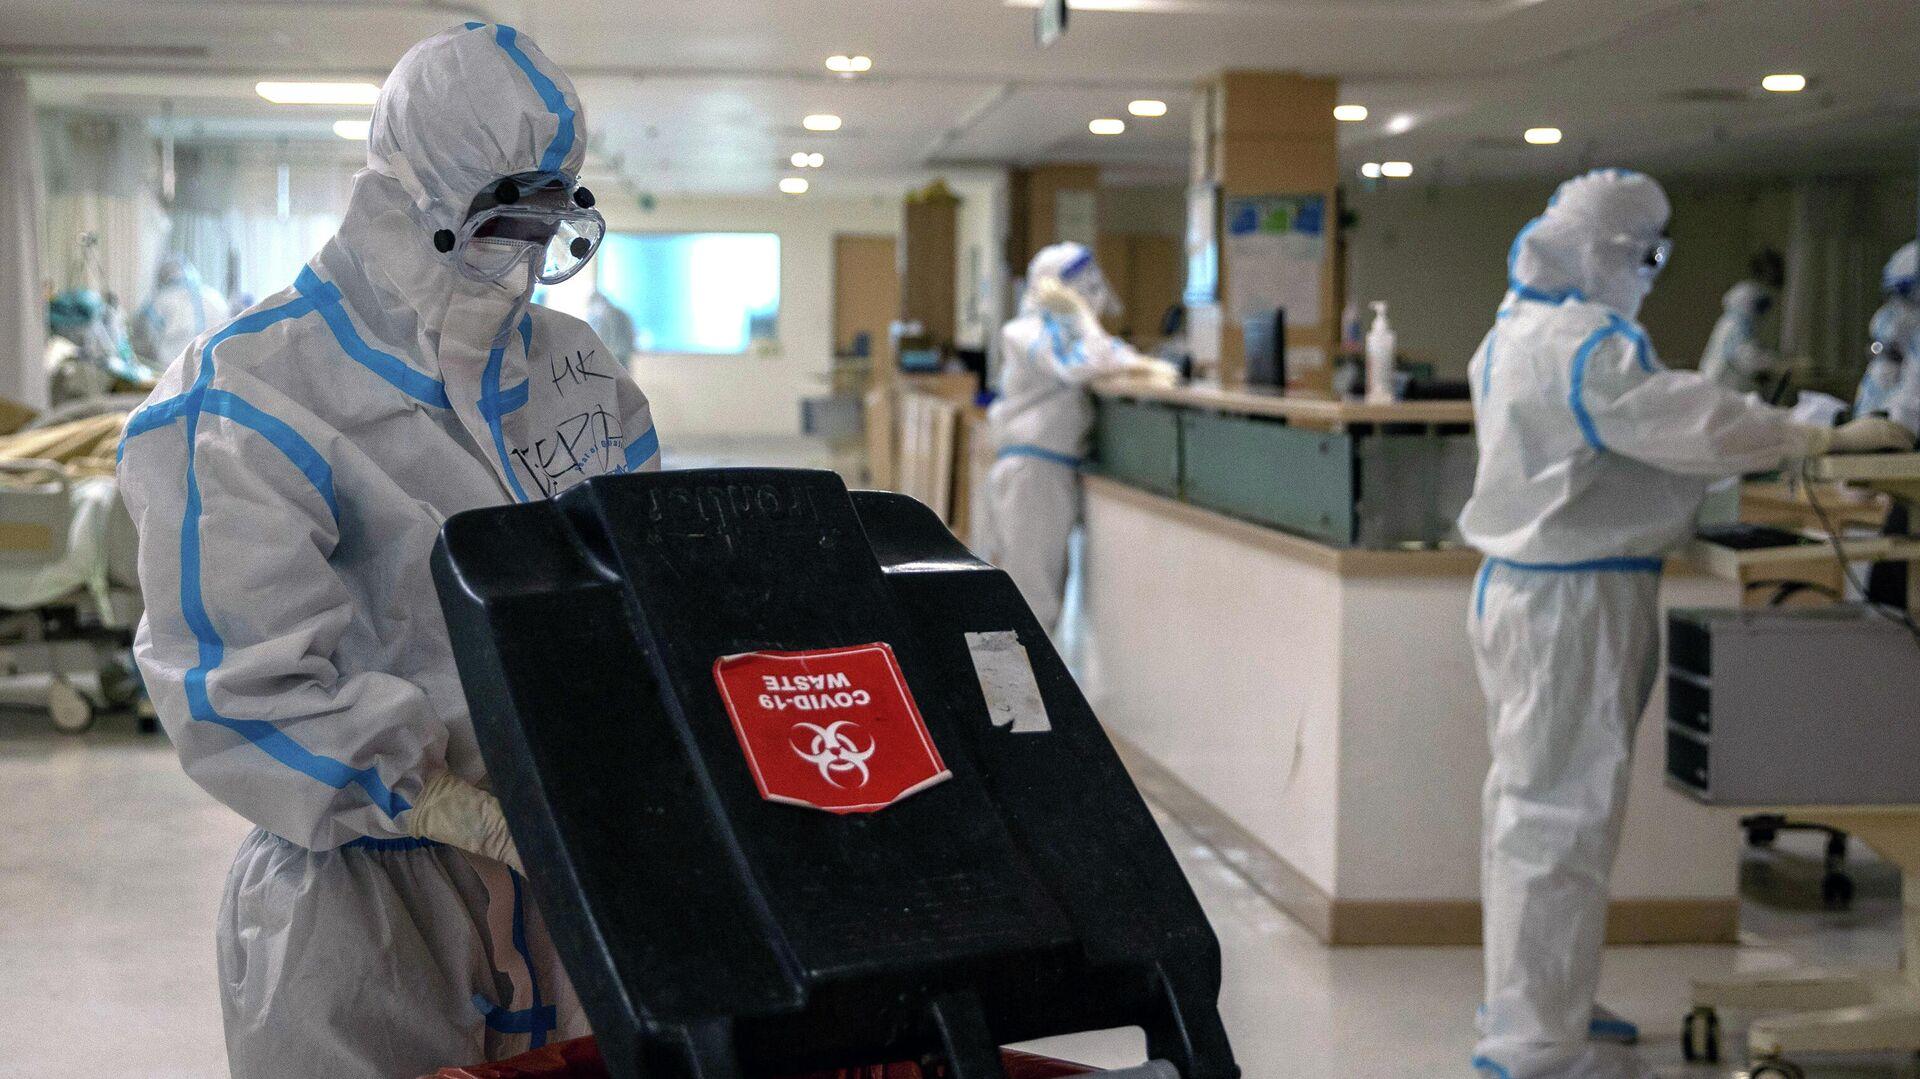 Врачи в защитных костюмах в больнице в Нью-Дели в Индии - РИА Новости, 1920, 20.09.2020